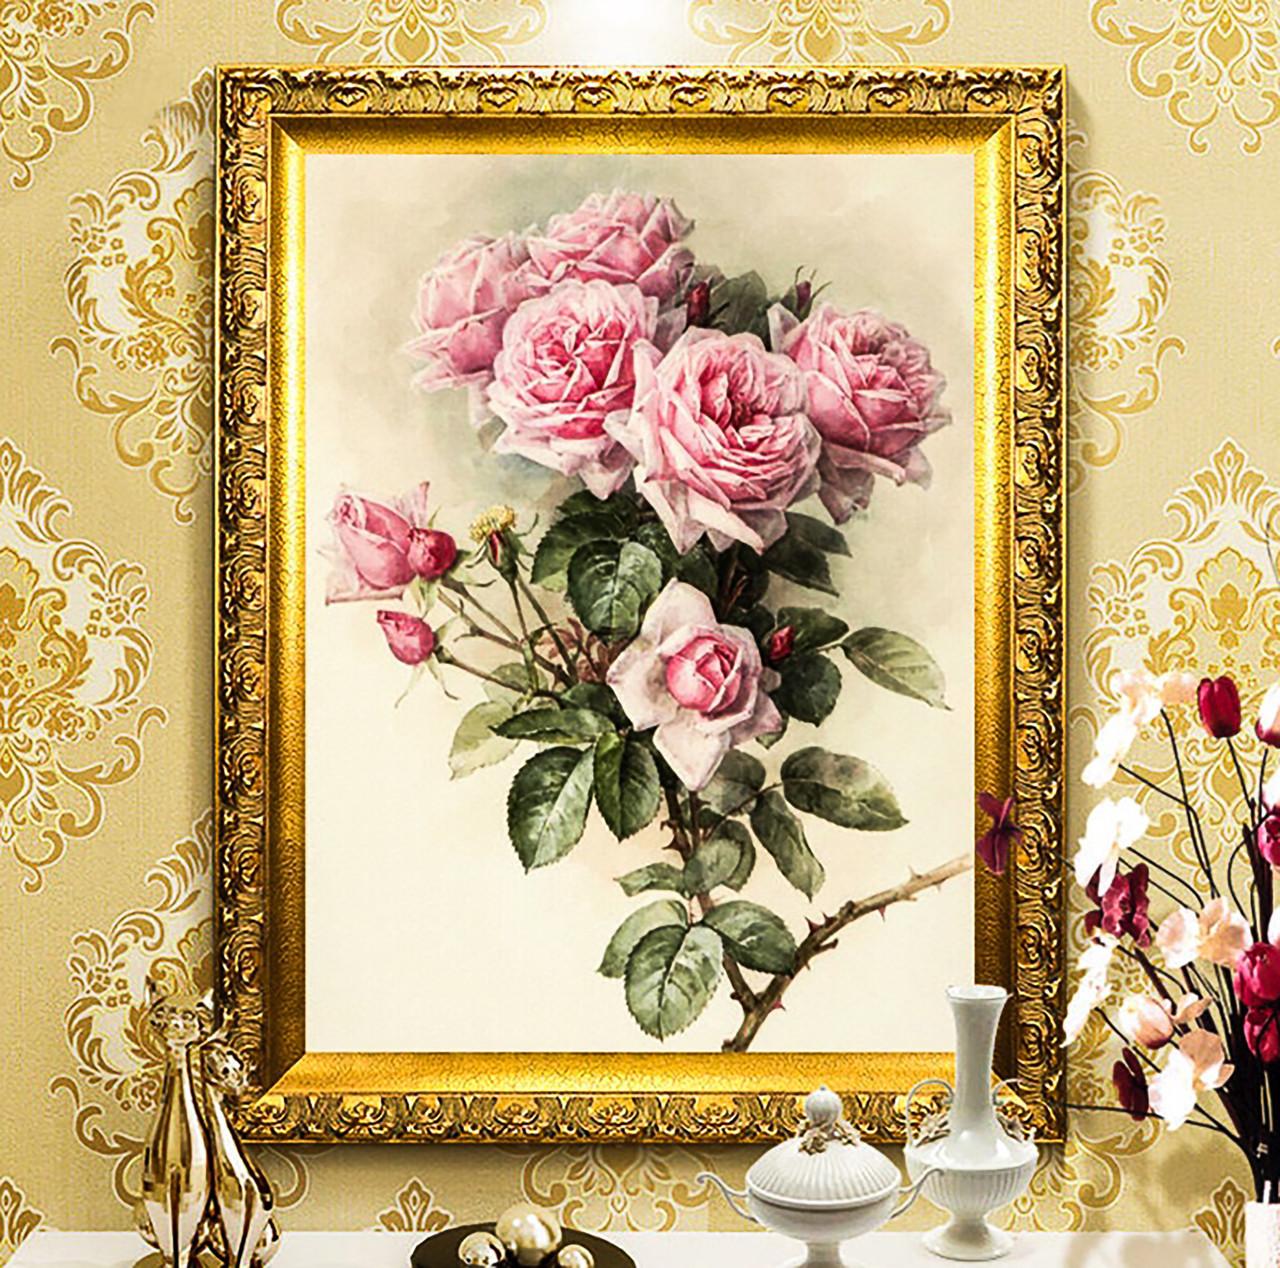 """Алмазная мозайка. Набор алмазной вышивки """"Винтажные розы"""". Размер 51*63 см."""